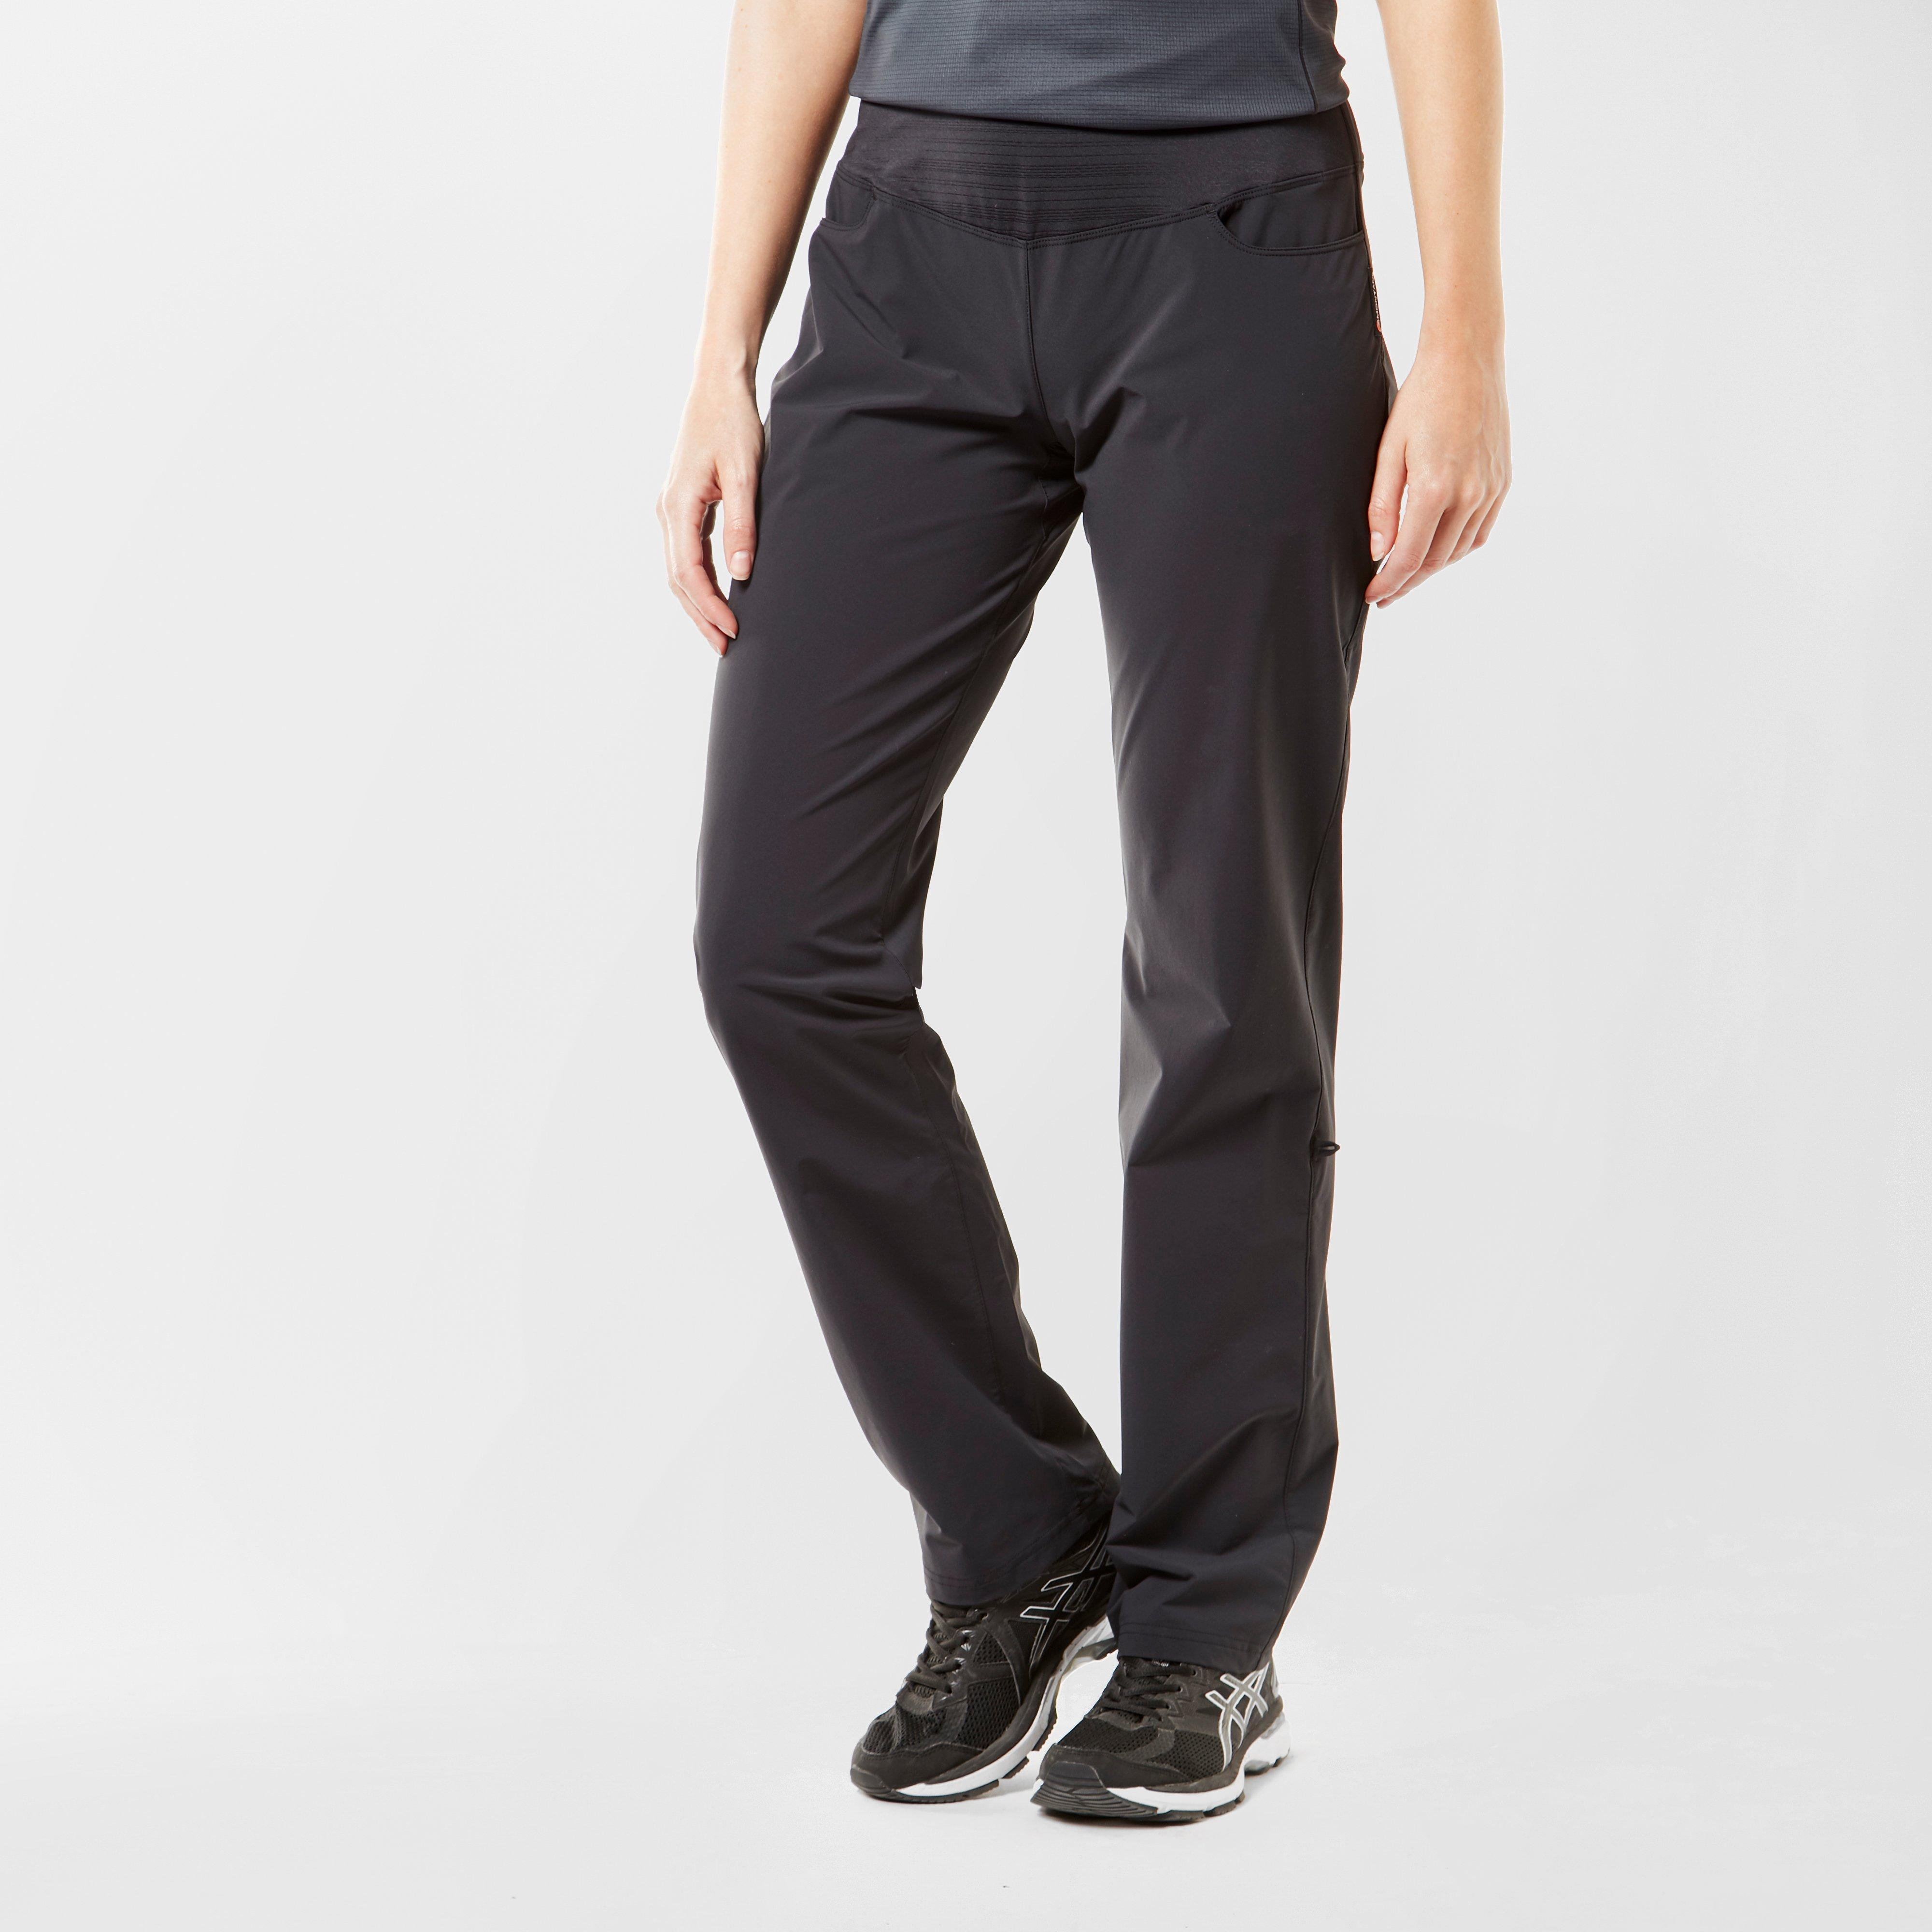 Montane Montane womens Cygnus Pants - Black, Black